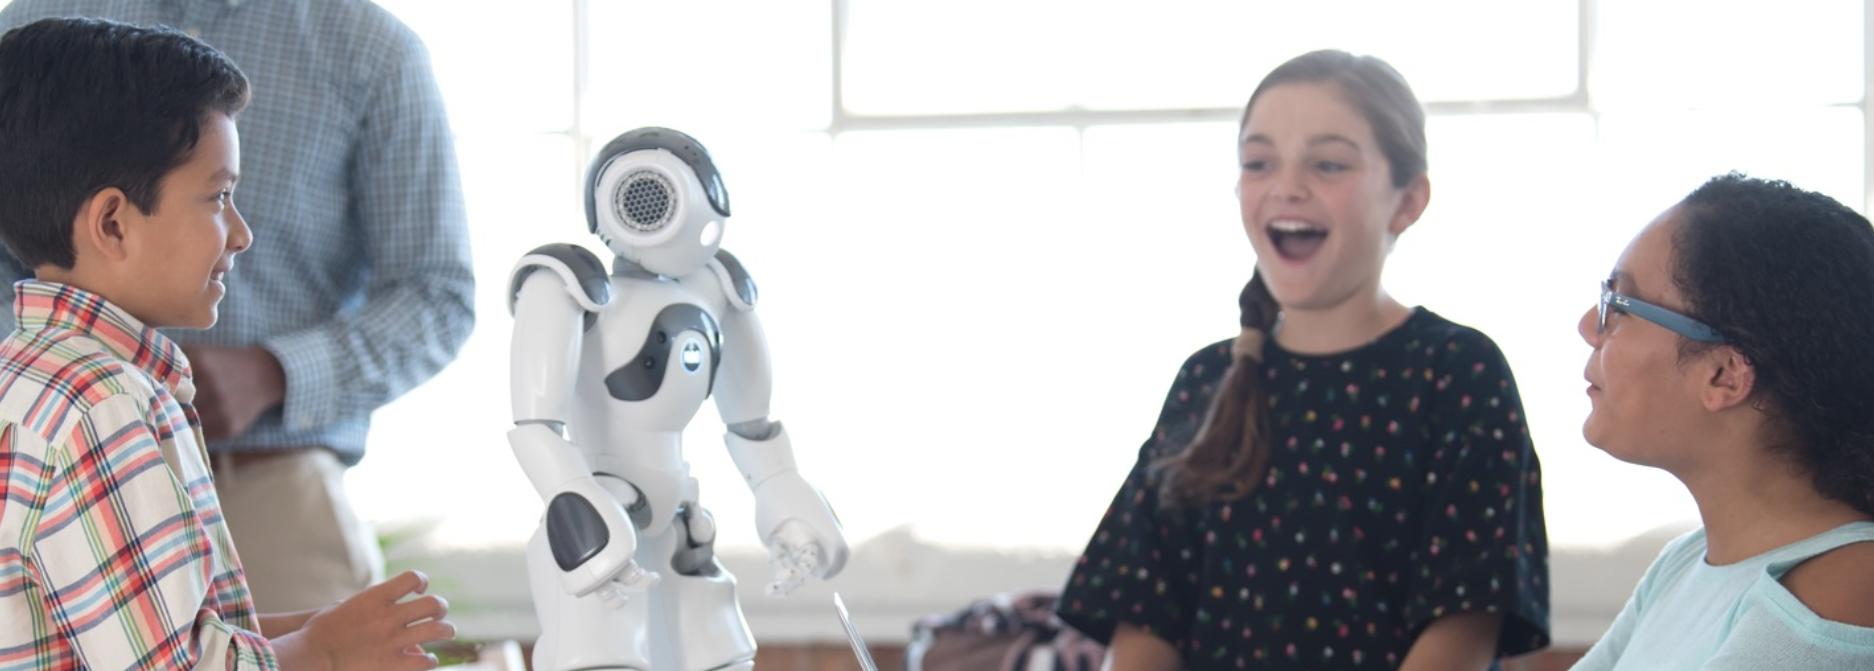 NAO robot and students1